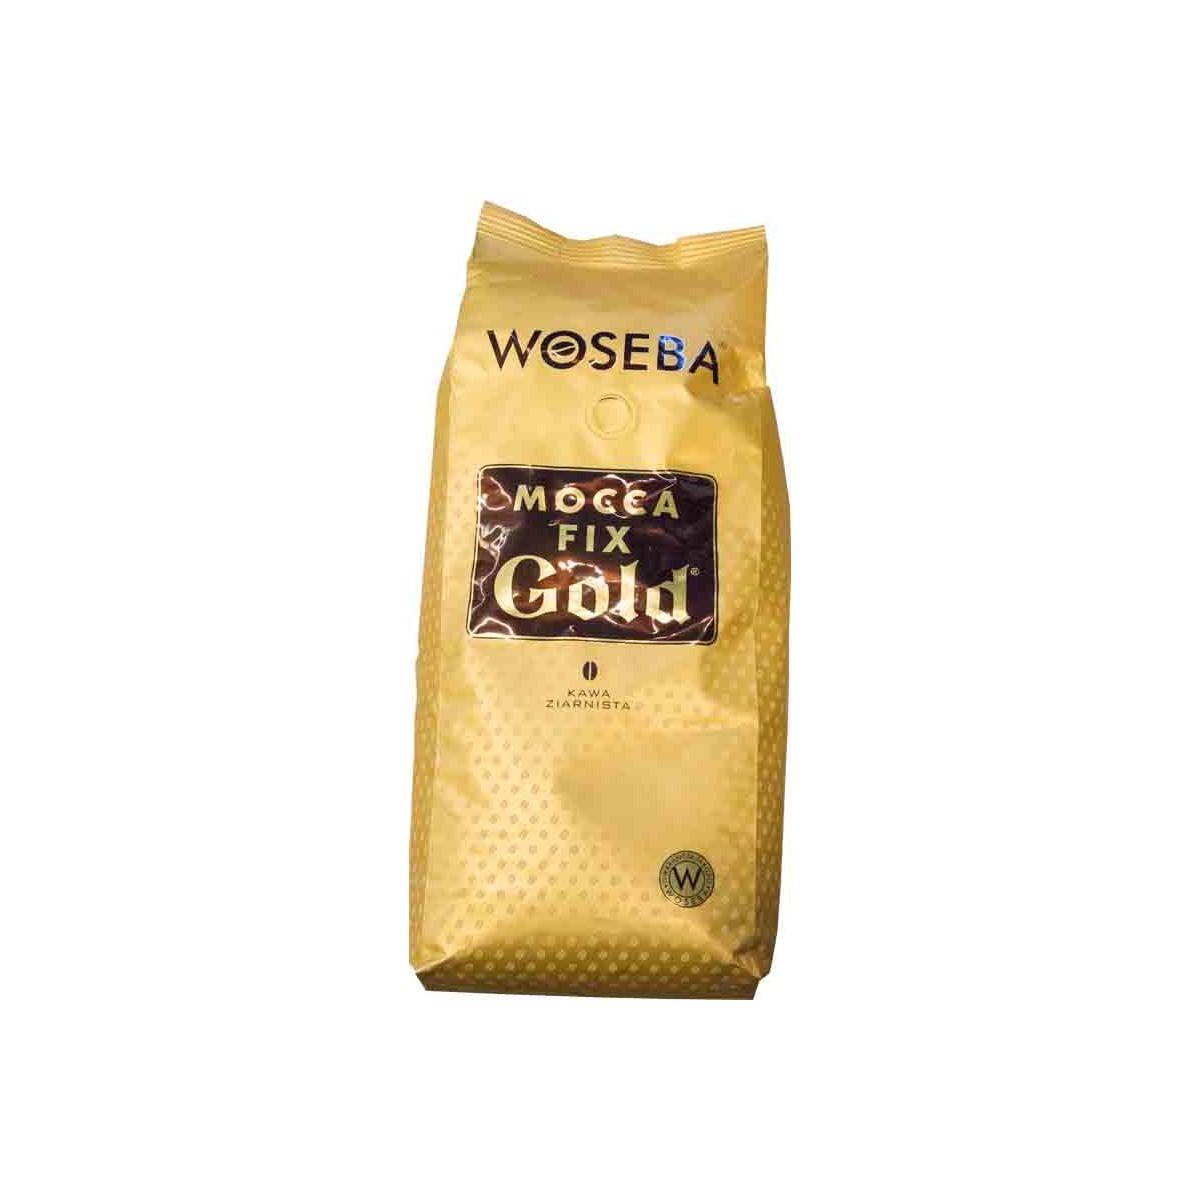 KAWA WOSEBA MOCCA FIX 1KG ZIARNO Kawa Woseba Mocca fix 1kg